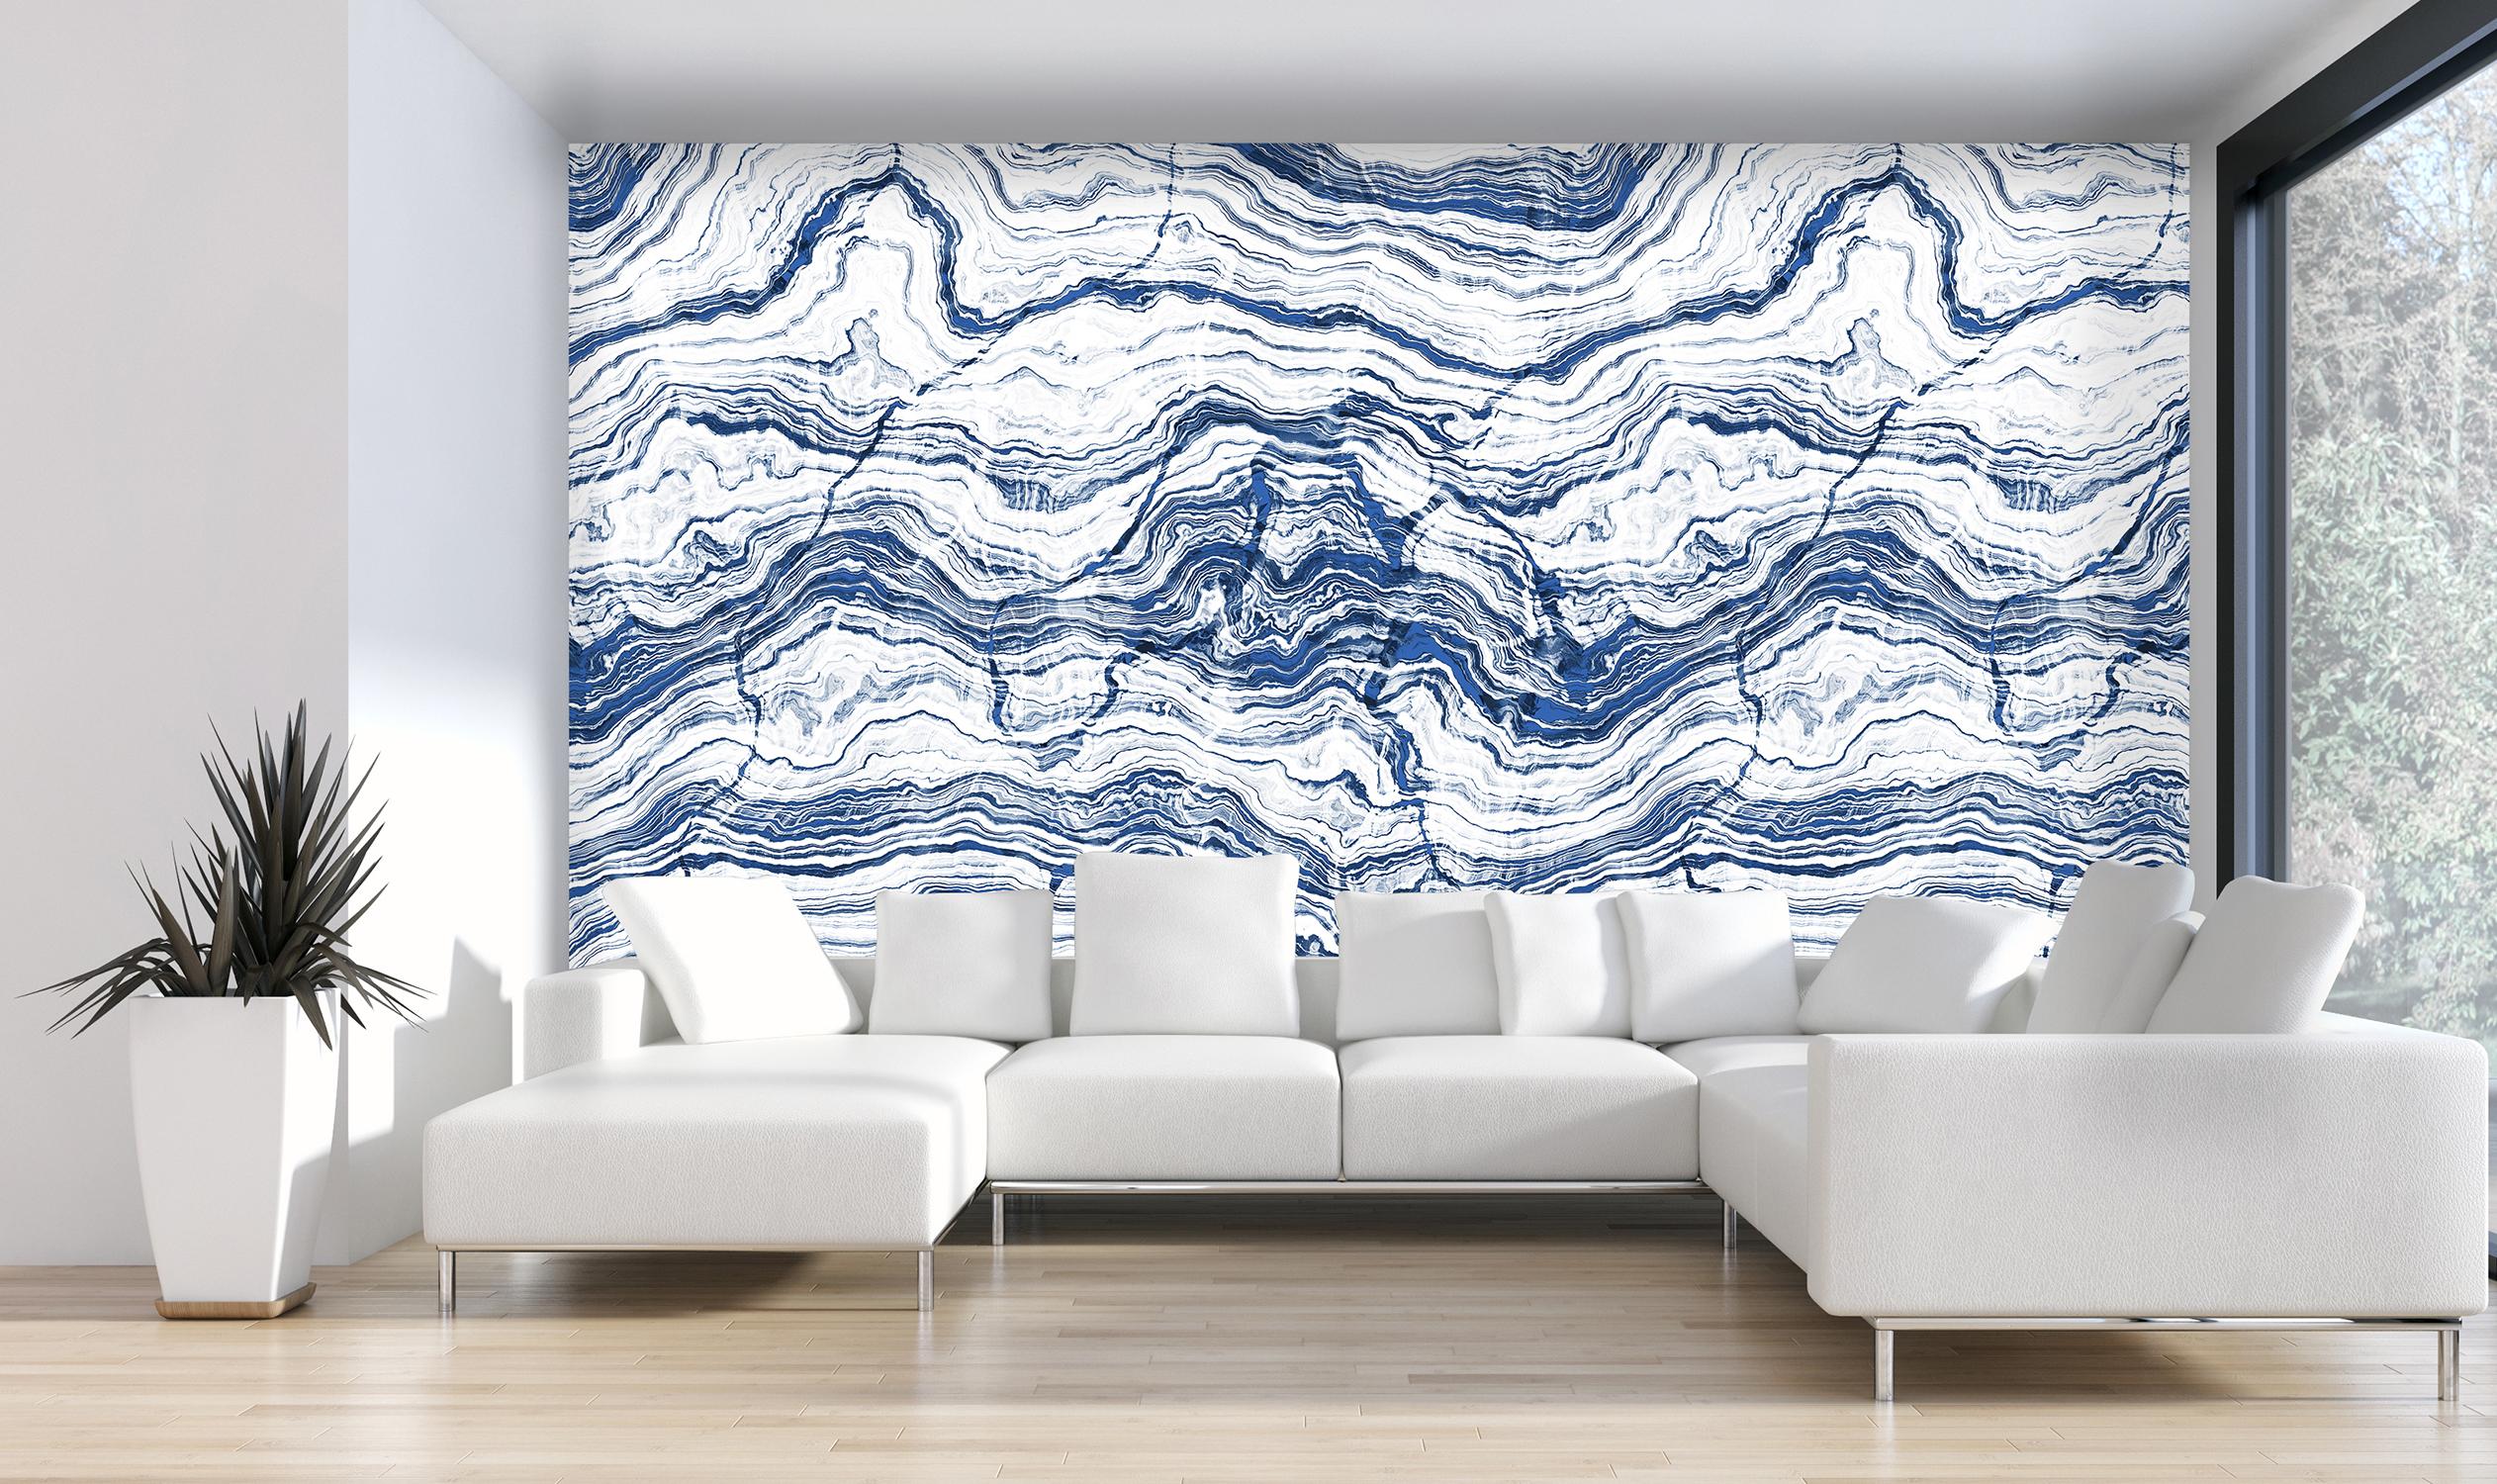 Erdstruktur-Schichtgestein-weiss-blau